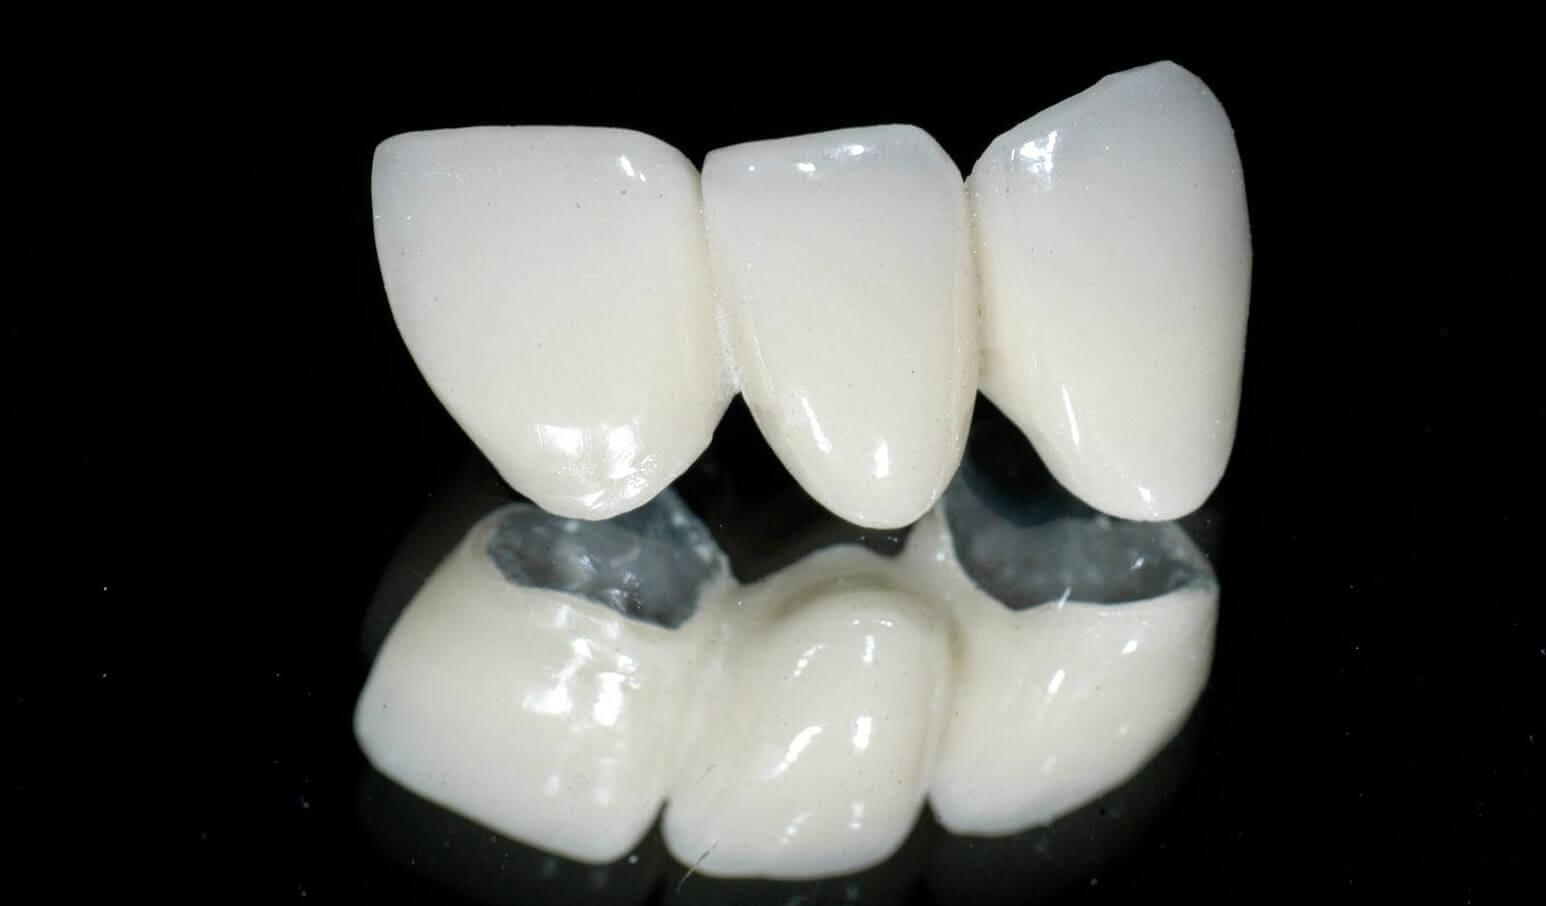 Răng Sứ Titan Là Gì? Bọc Răng Sứ Titan Có Bền Và Đẹp Không? - ảnh 2